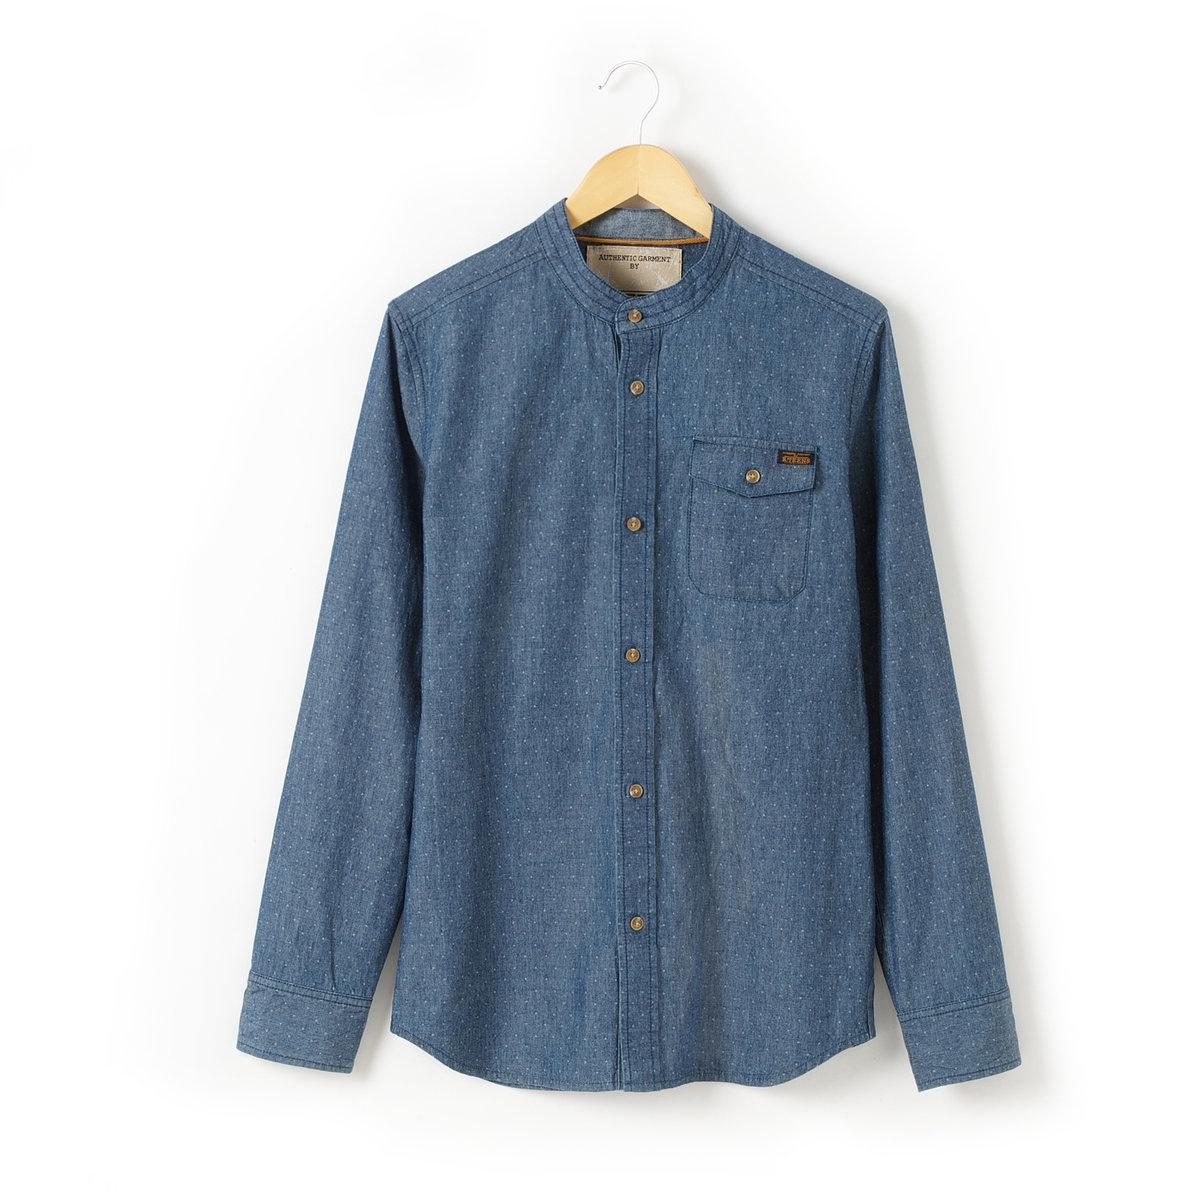 Рубашка без воротникаРубашка из ткани шамбре, 100% хлопка. Без воротника. Планка сперели и низ рукавов с застежкой на пуговицы. 1 карман на груди с клапаном на кнопке.<br><br>Цвет: потертый шамбре